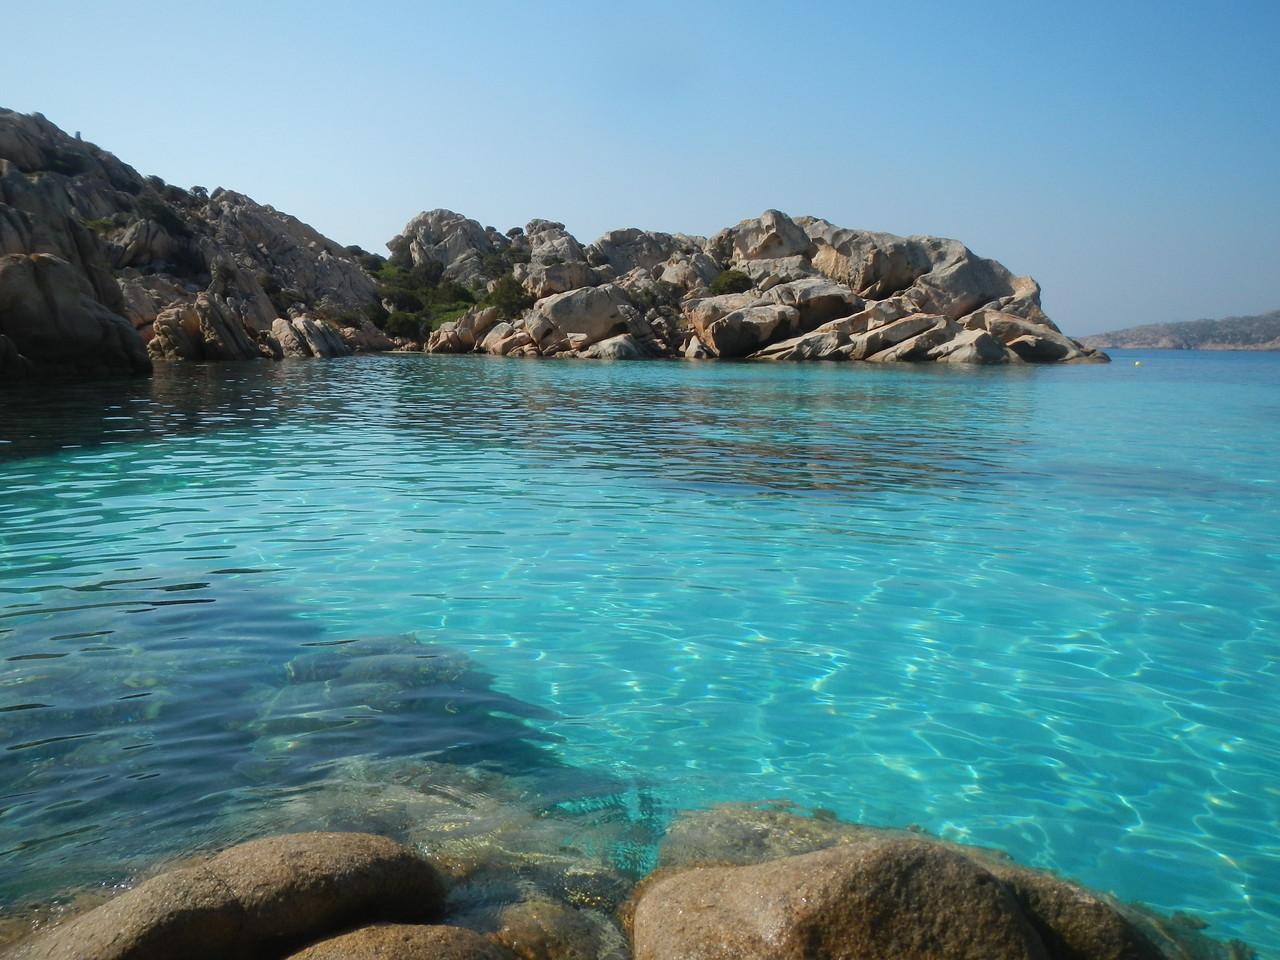 Das schönste Segelrevier im Mittelmeer liegt zwischen Korsika und Sardinien - das Maddalena Archipel